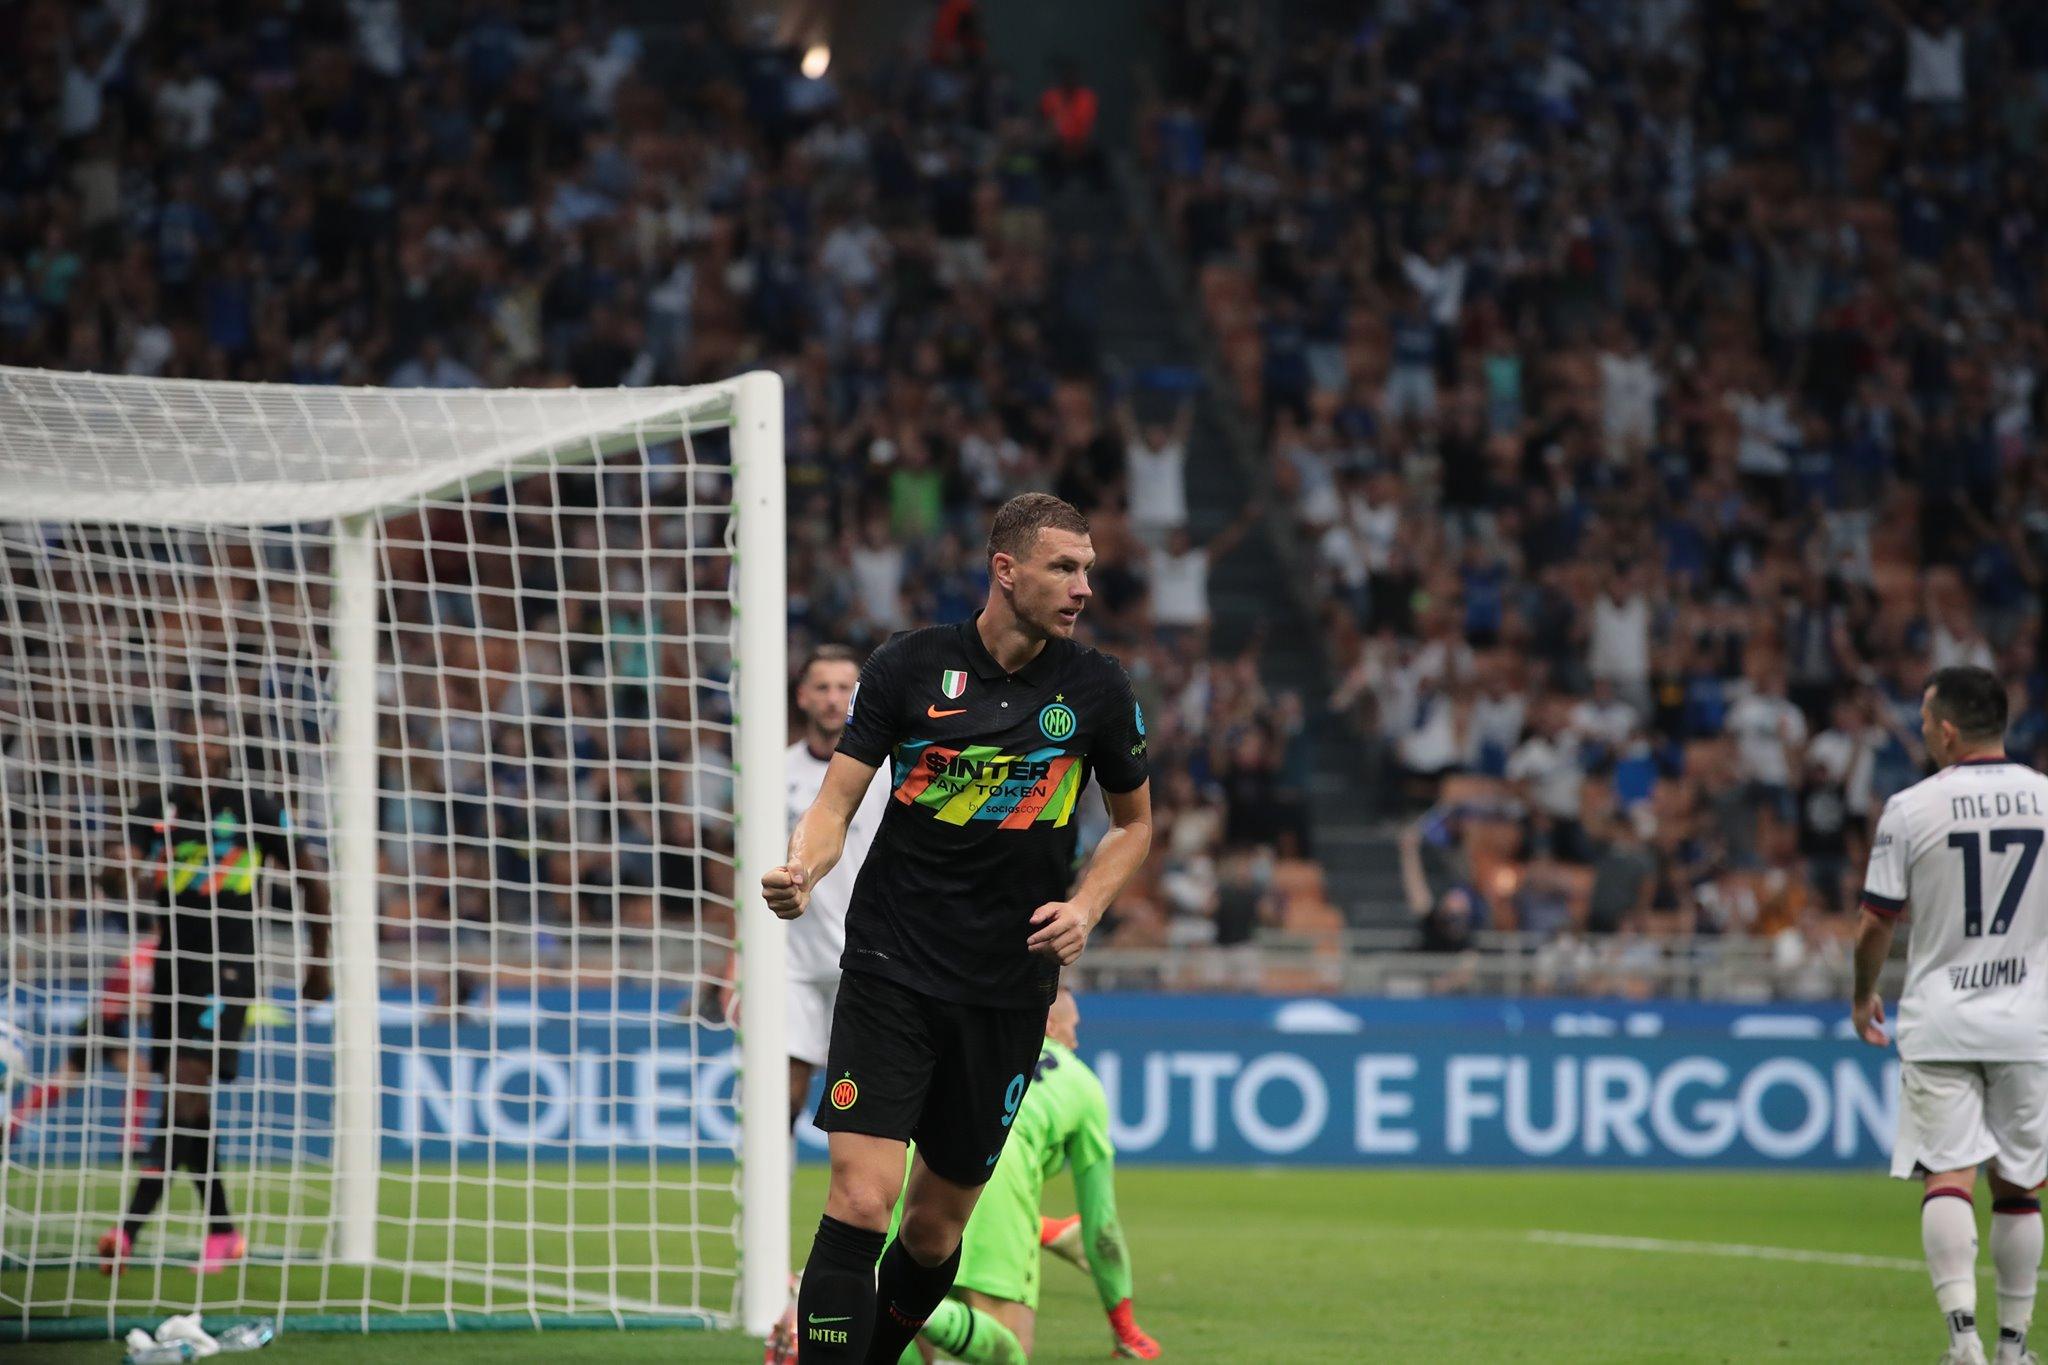 Inter 6-1 Bologna